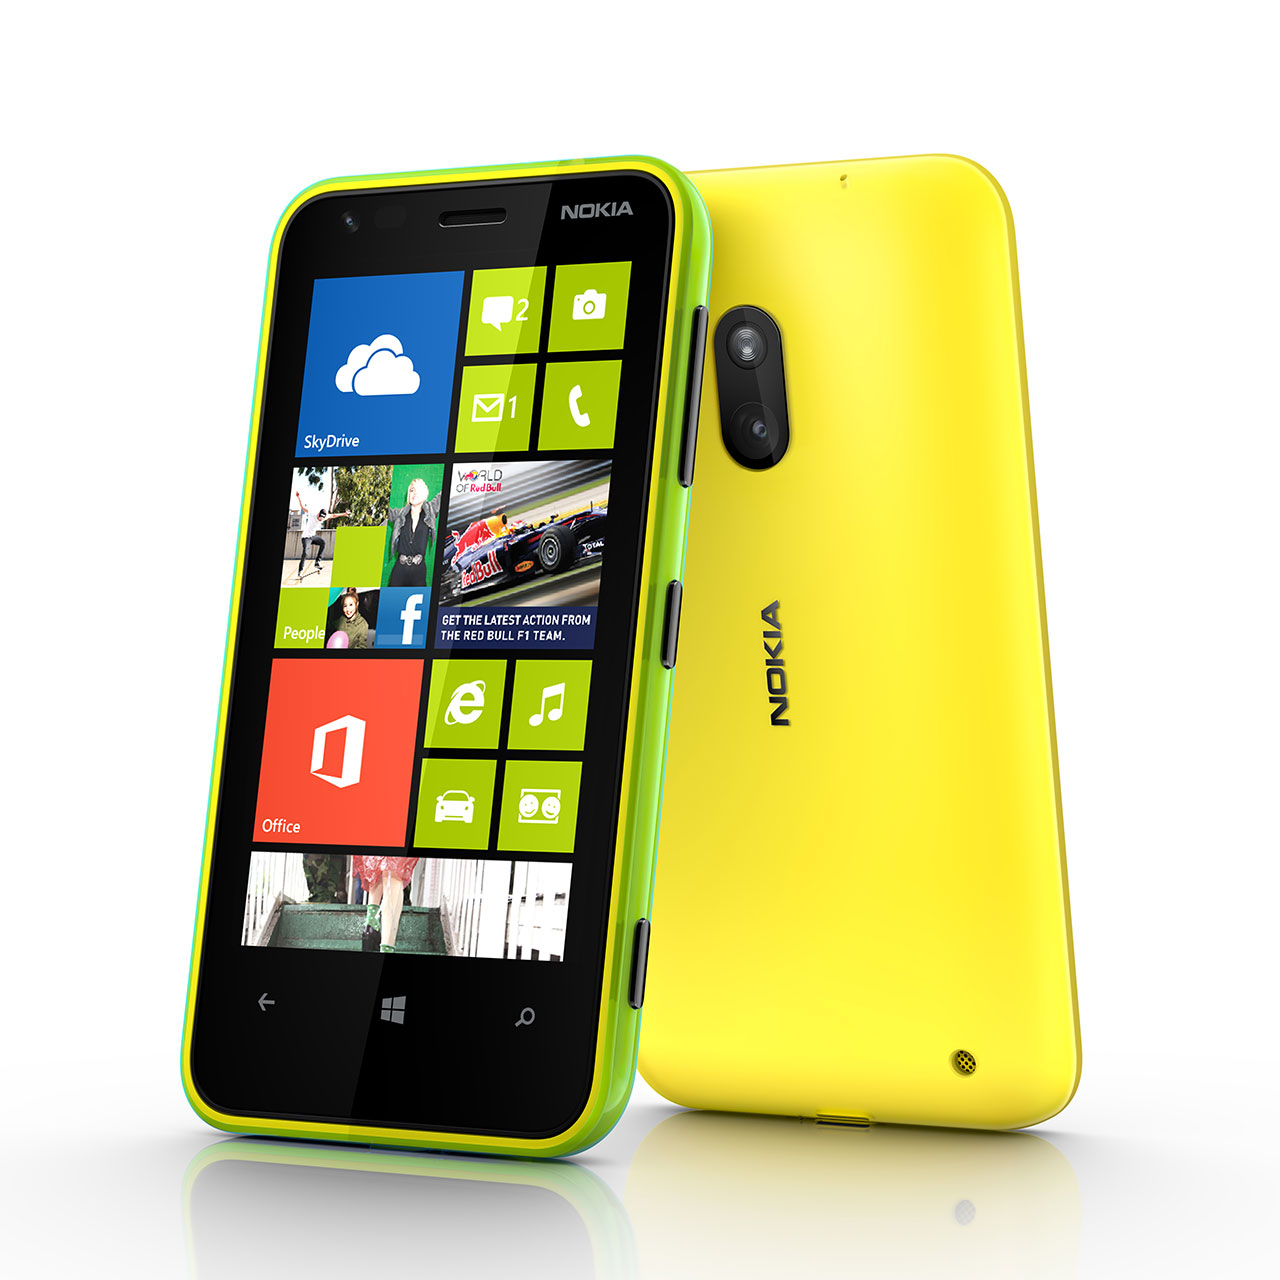 http://2.bp.blogspot.com/-cOh7BZP1aoc/URgF2Yfcl-I/AAAAAAAAI80/Jz8VeuXNDfk/s1600/nokia_lumia_620_lime-green-and-yellow.jpg